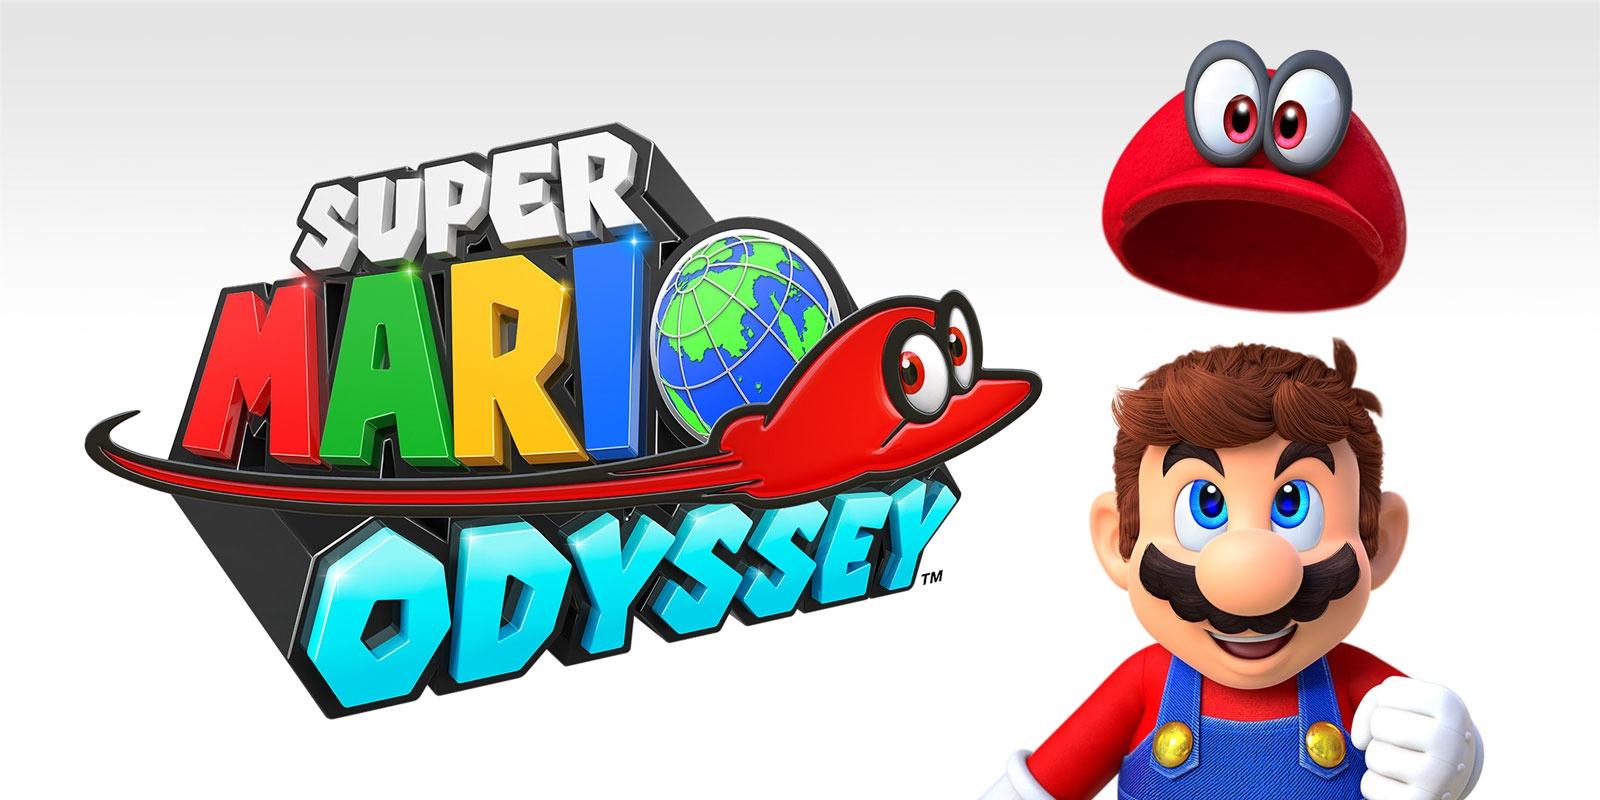 [Gamescom 2017] Super Mario Odyssey gana el premio a mejor juego de la feria 1